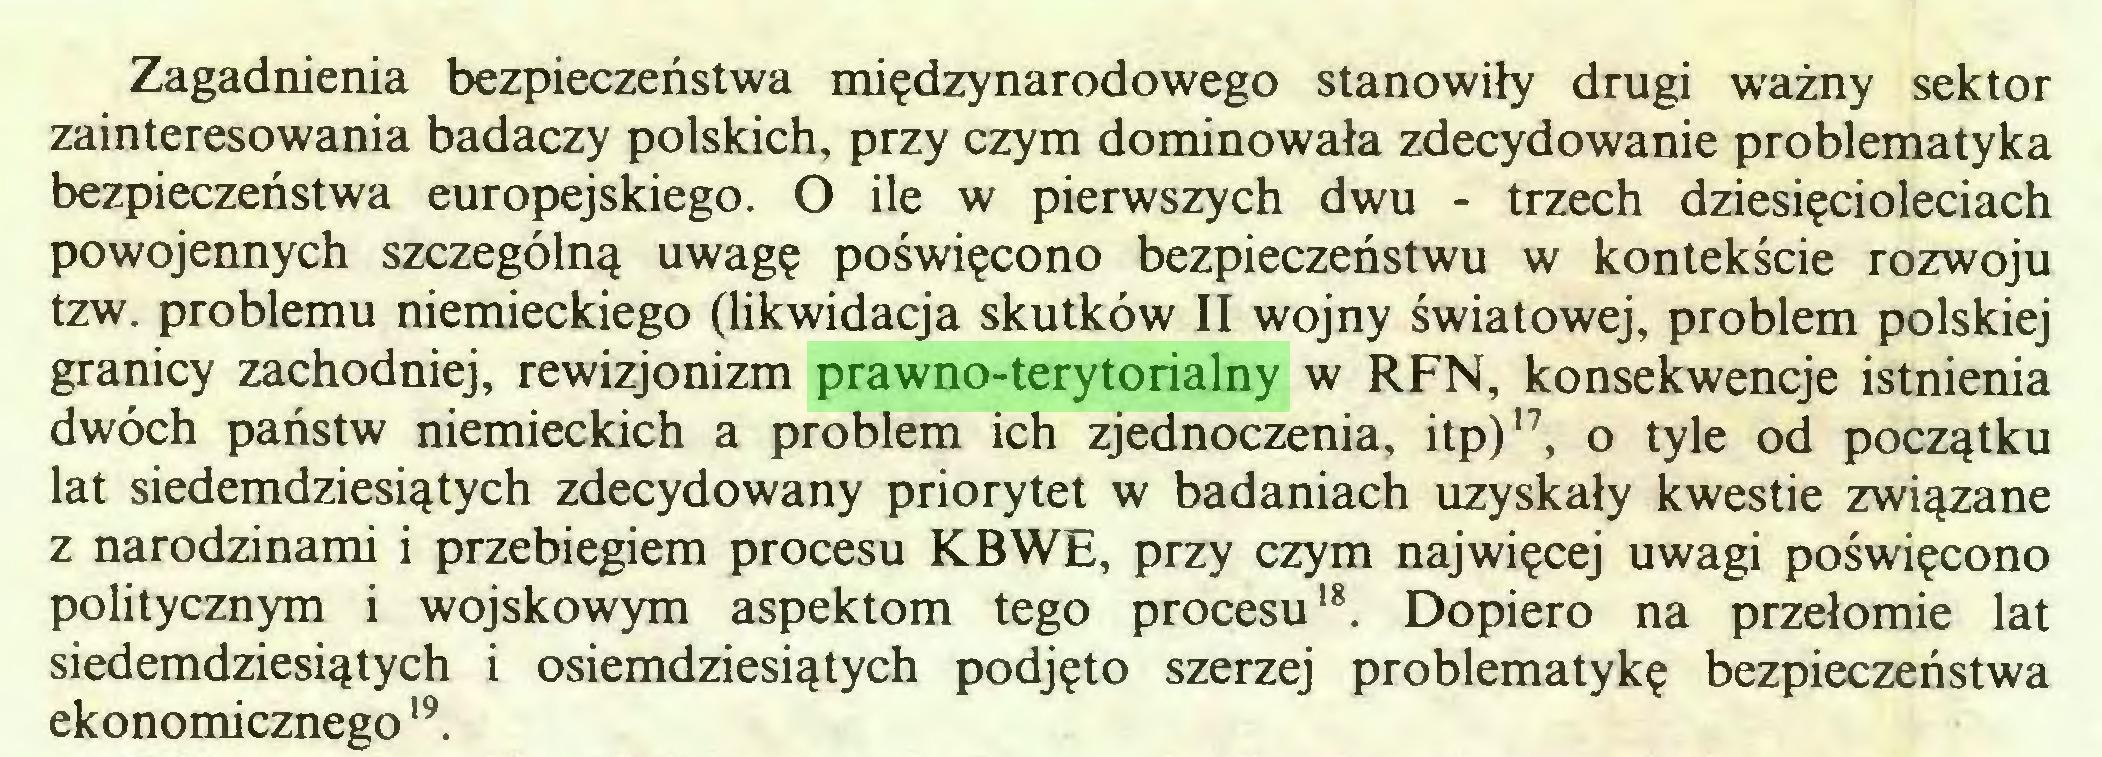 (...) Zagadnienia bezpieczeństwa międzynarodowego stanowiły drugi ważny sektor zainteresowania badaczy polskich, przy czym dominowała zdecydowanie problematyka bezpieczeństwa europejskiego. O ile w pierwszych dwu - trzech dziesięcioleciach powojennych szczególną uwagę poświęcono bezpieczeństwu w kontekście rozwoju tzw. problemu niemieckiego (likwidacja skutków II wojny światowej, problem polskiej granicy zachodniej, rewizjonizm prawno-terytorialny w RFN, konsekwencje istnienia dwóch państw niemieckich a problem ich zjednoczenia, itp)17, o tyle od początku lat siedemdziesiątych zdecydowany priorytet w badaniach uzyskały kwestie związane z narodzinami i przebiegiem procesu KBWE, przy czym najwięcej uwagi poświęcono politycznym i wojskowym aspektom tego procesu18. Dopiero na przełomie lat siedemdziesiątych i osiemdziesiątych podjęto szerzej problematykę bezpieczeństwa ekonomicznego19...